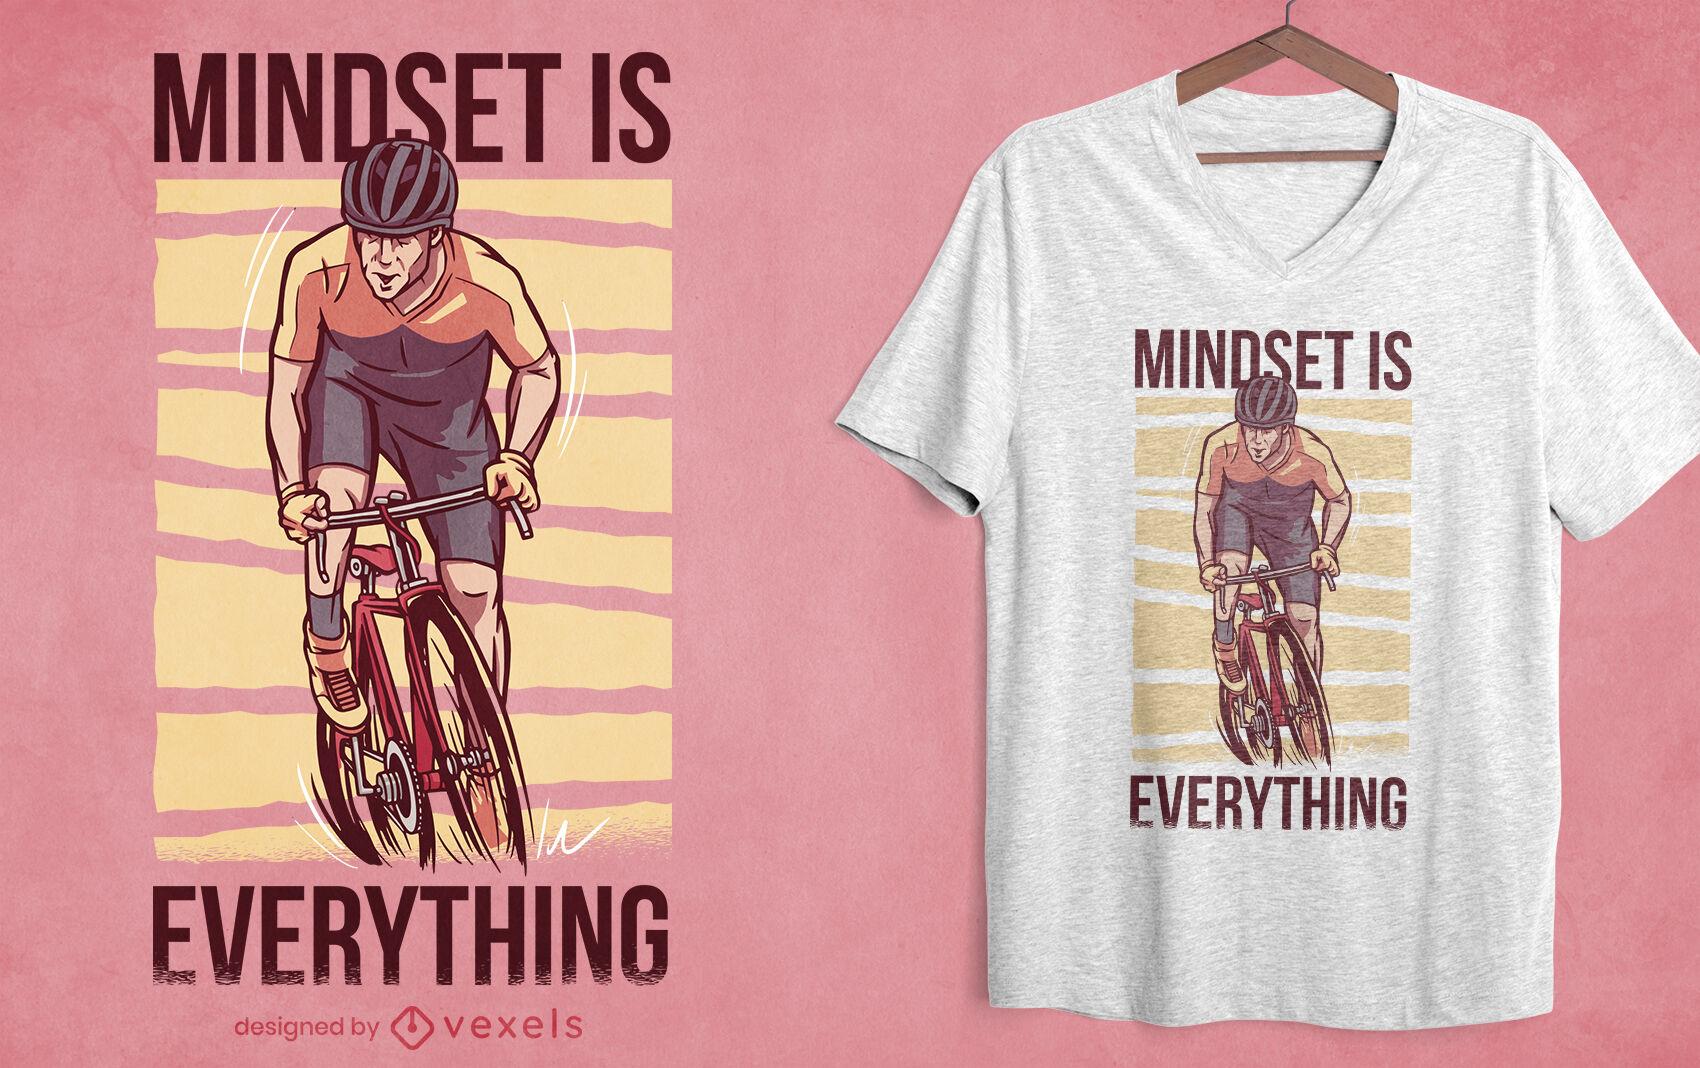 Dise?o de camiseta de ciclismo motivacional.